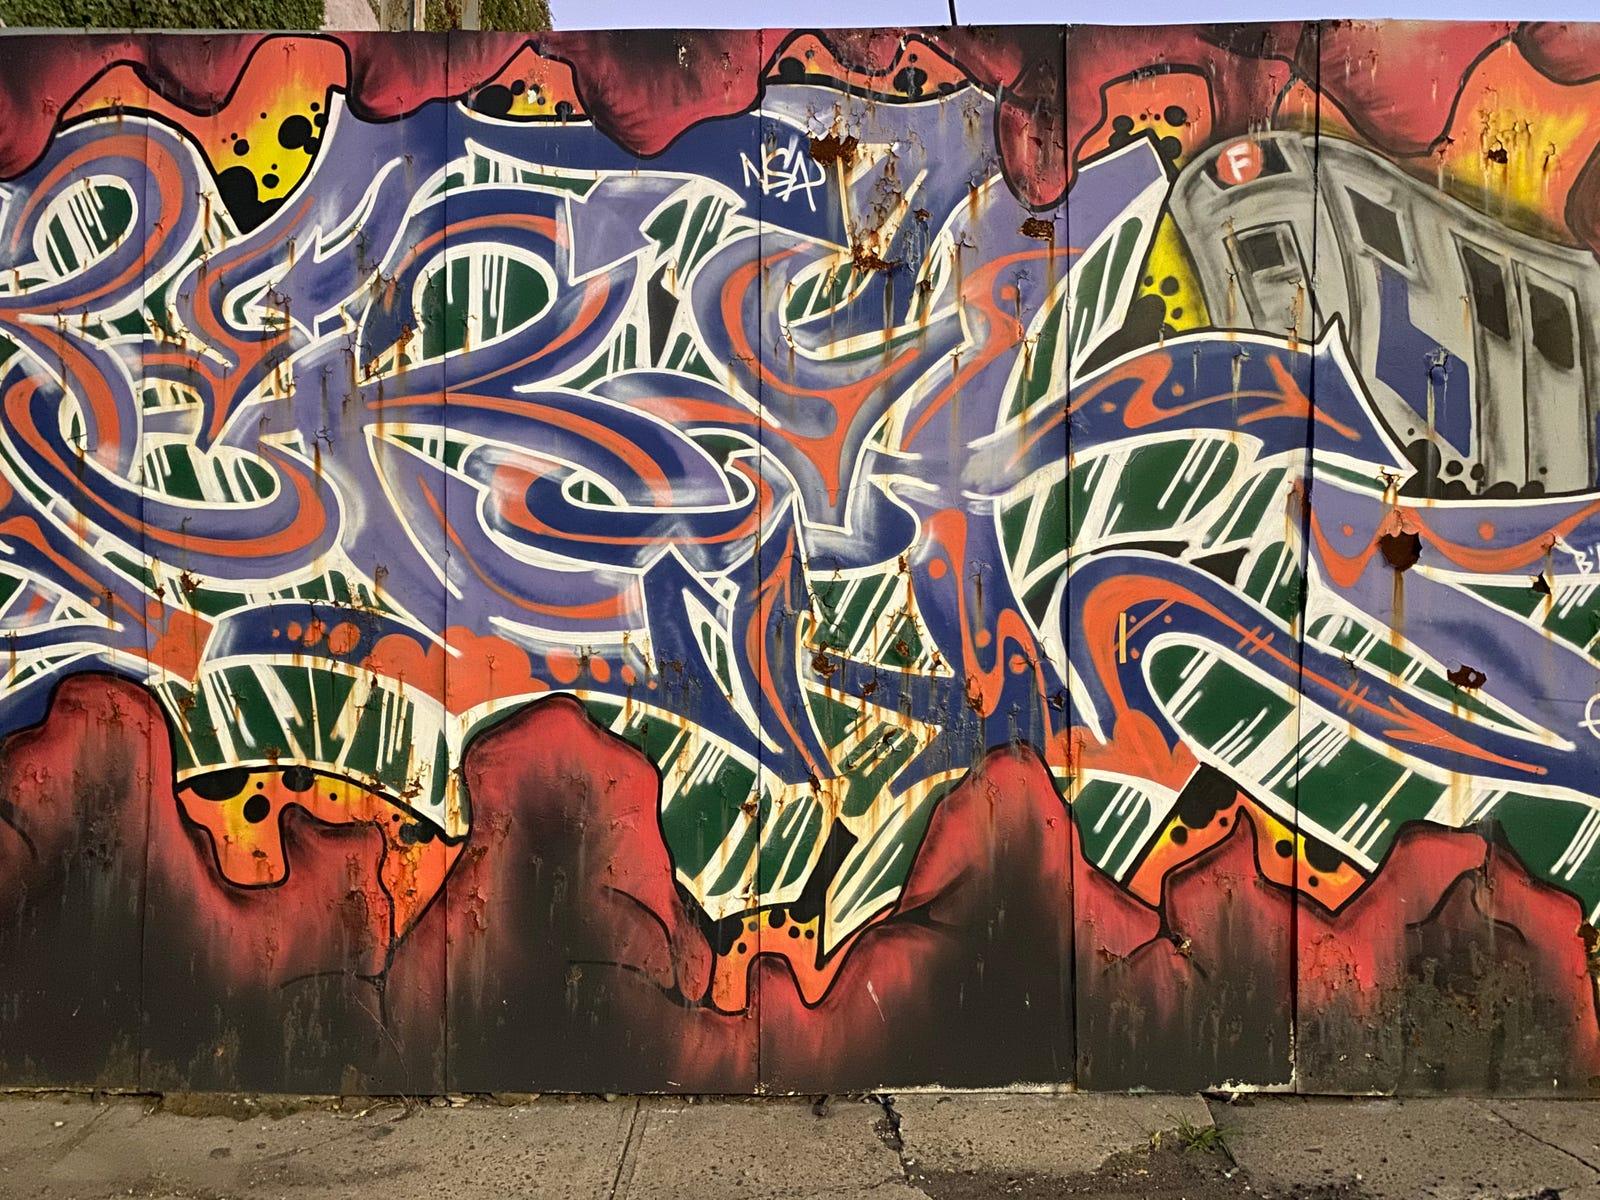 Grafitti shot with Night mode on.